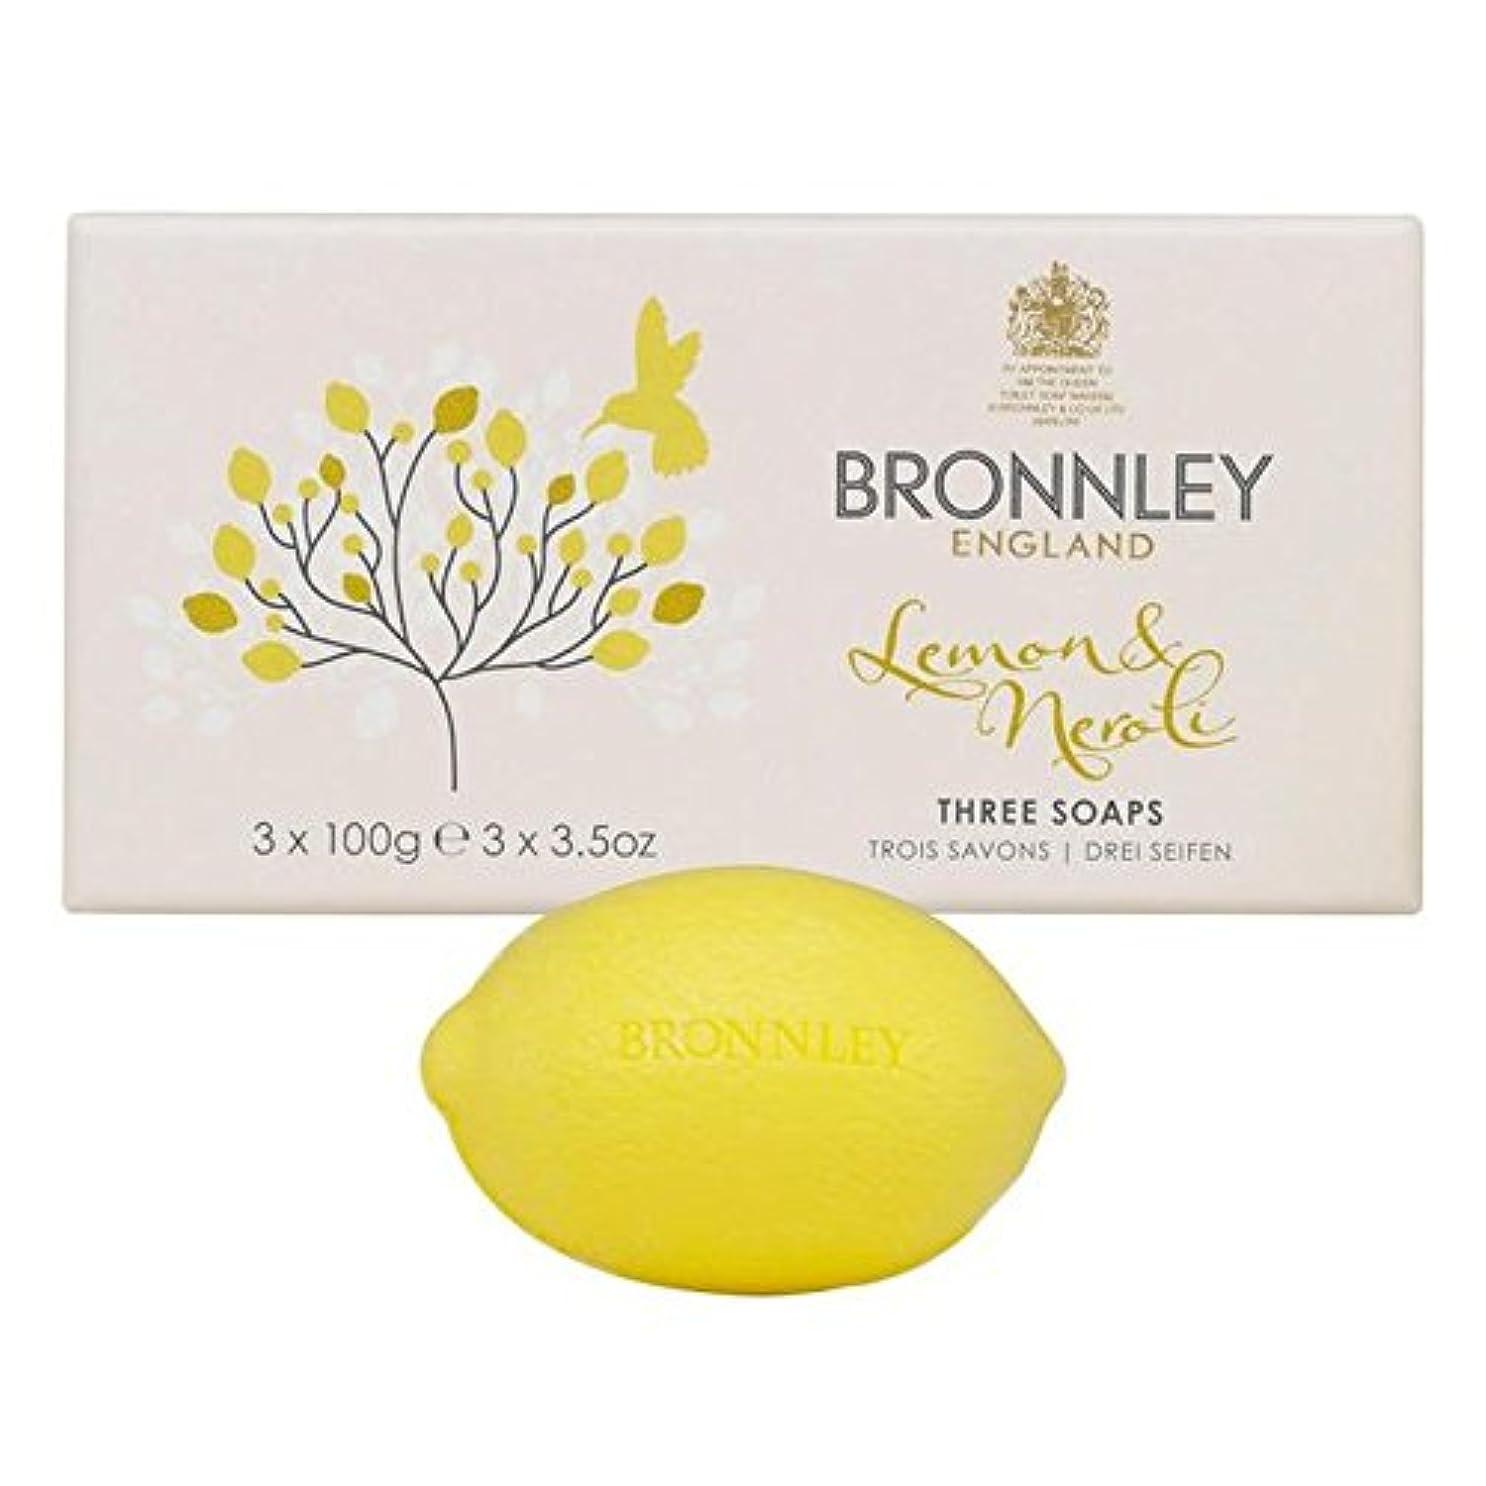 憂鬱なリクルート推測するBronnley Lemon & Neroli Soaps 3 x 100g (Pack of 6) - レモン&ネロリ石鹸3×100グラム x6 [並行輸入品]